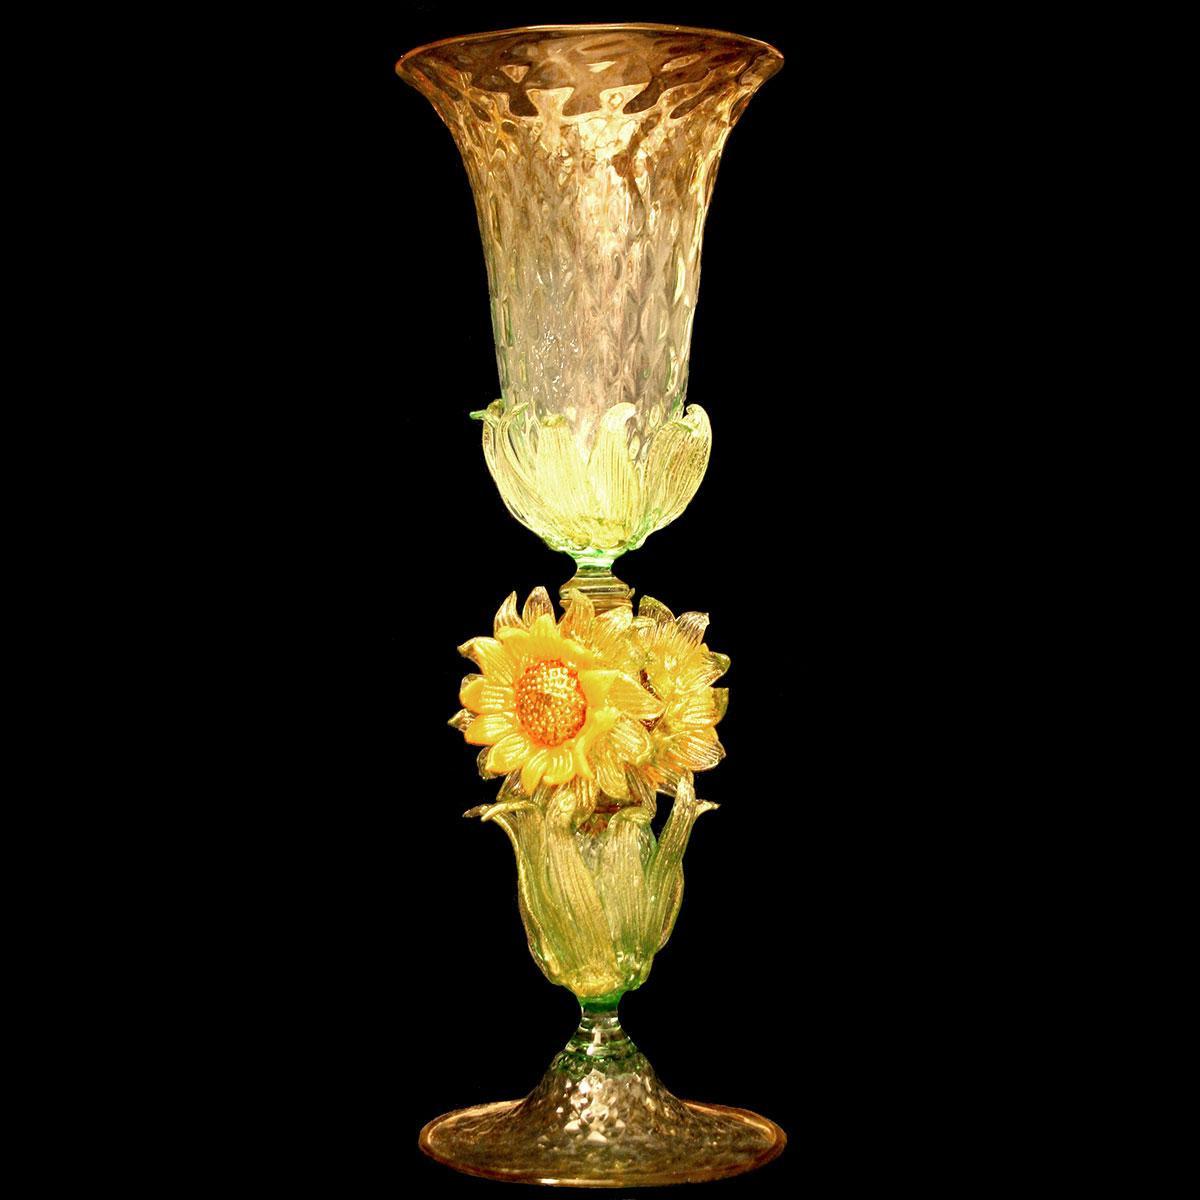 """""""Girasoli"""" Murano drinking glass - sunflowers"""